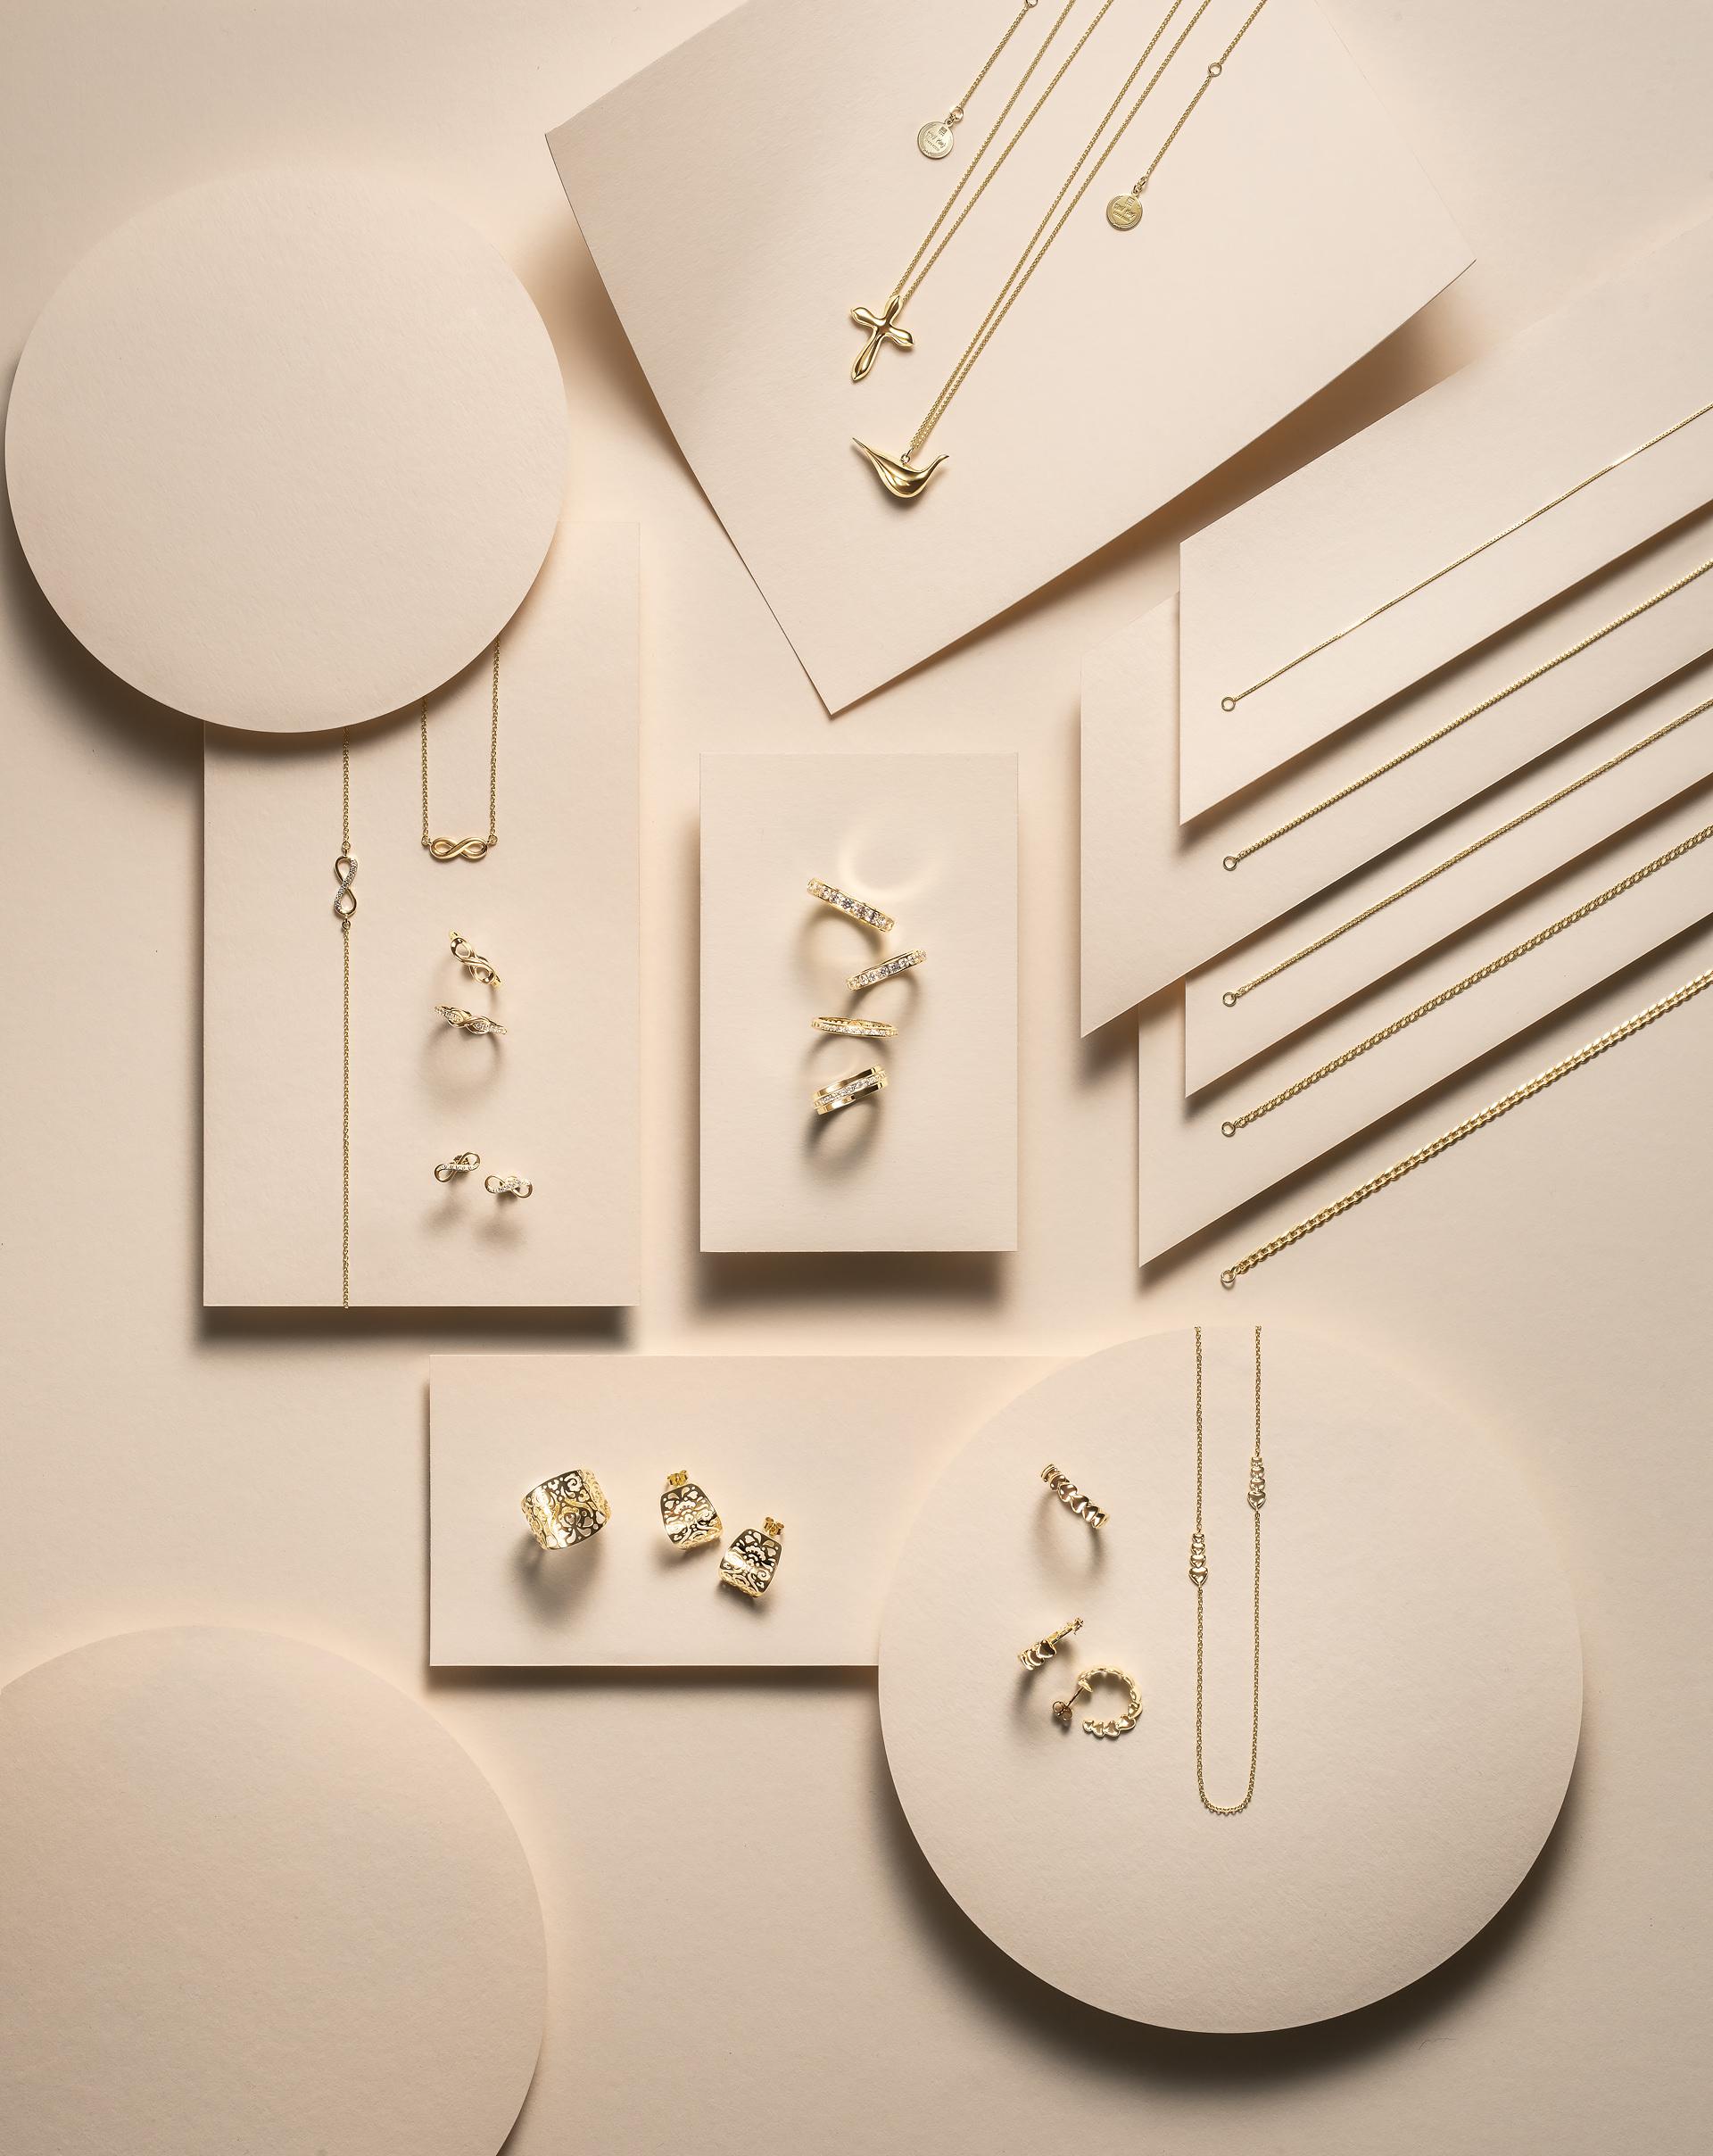 Zlatarna-Celje-3